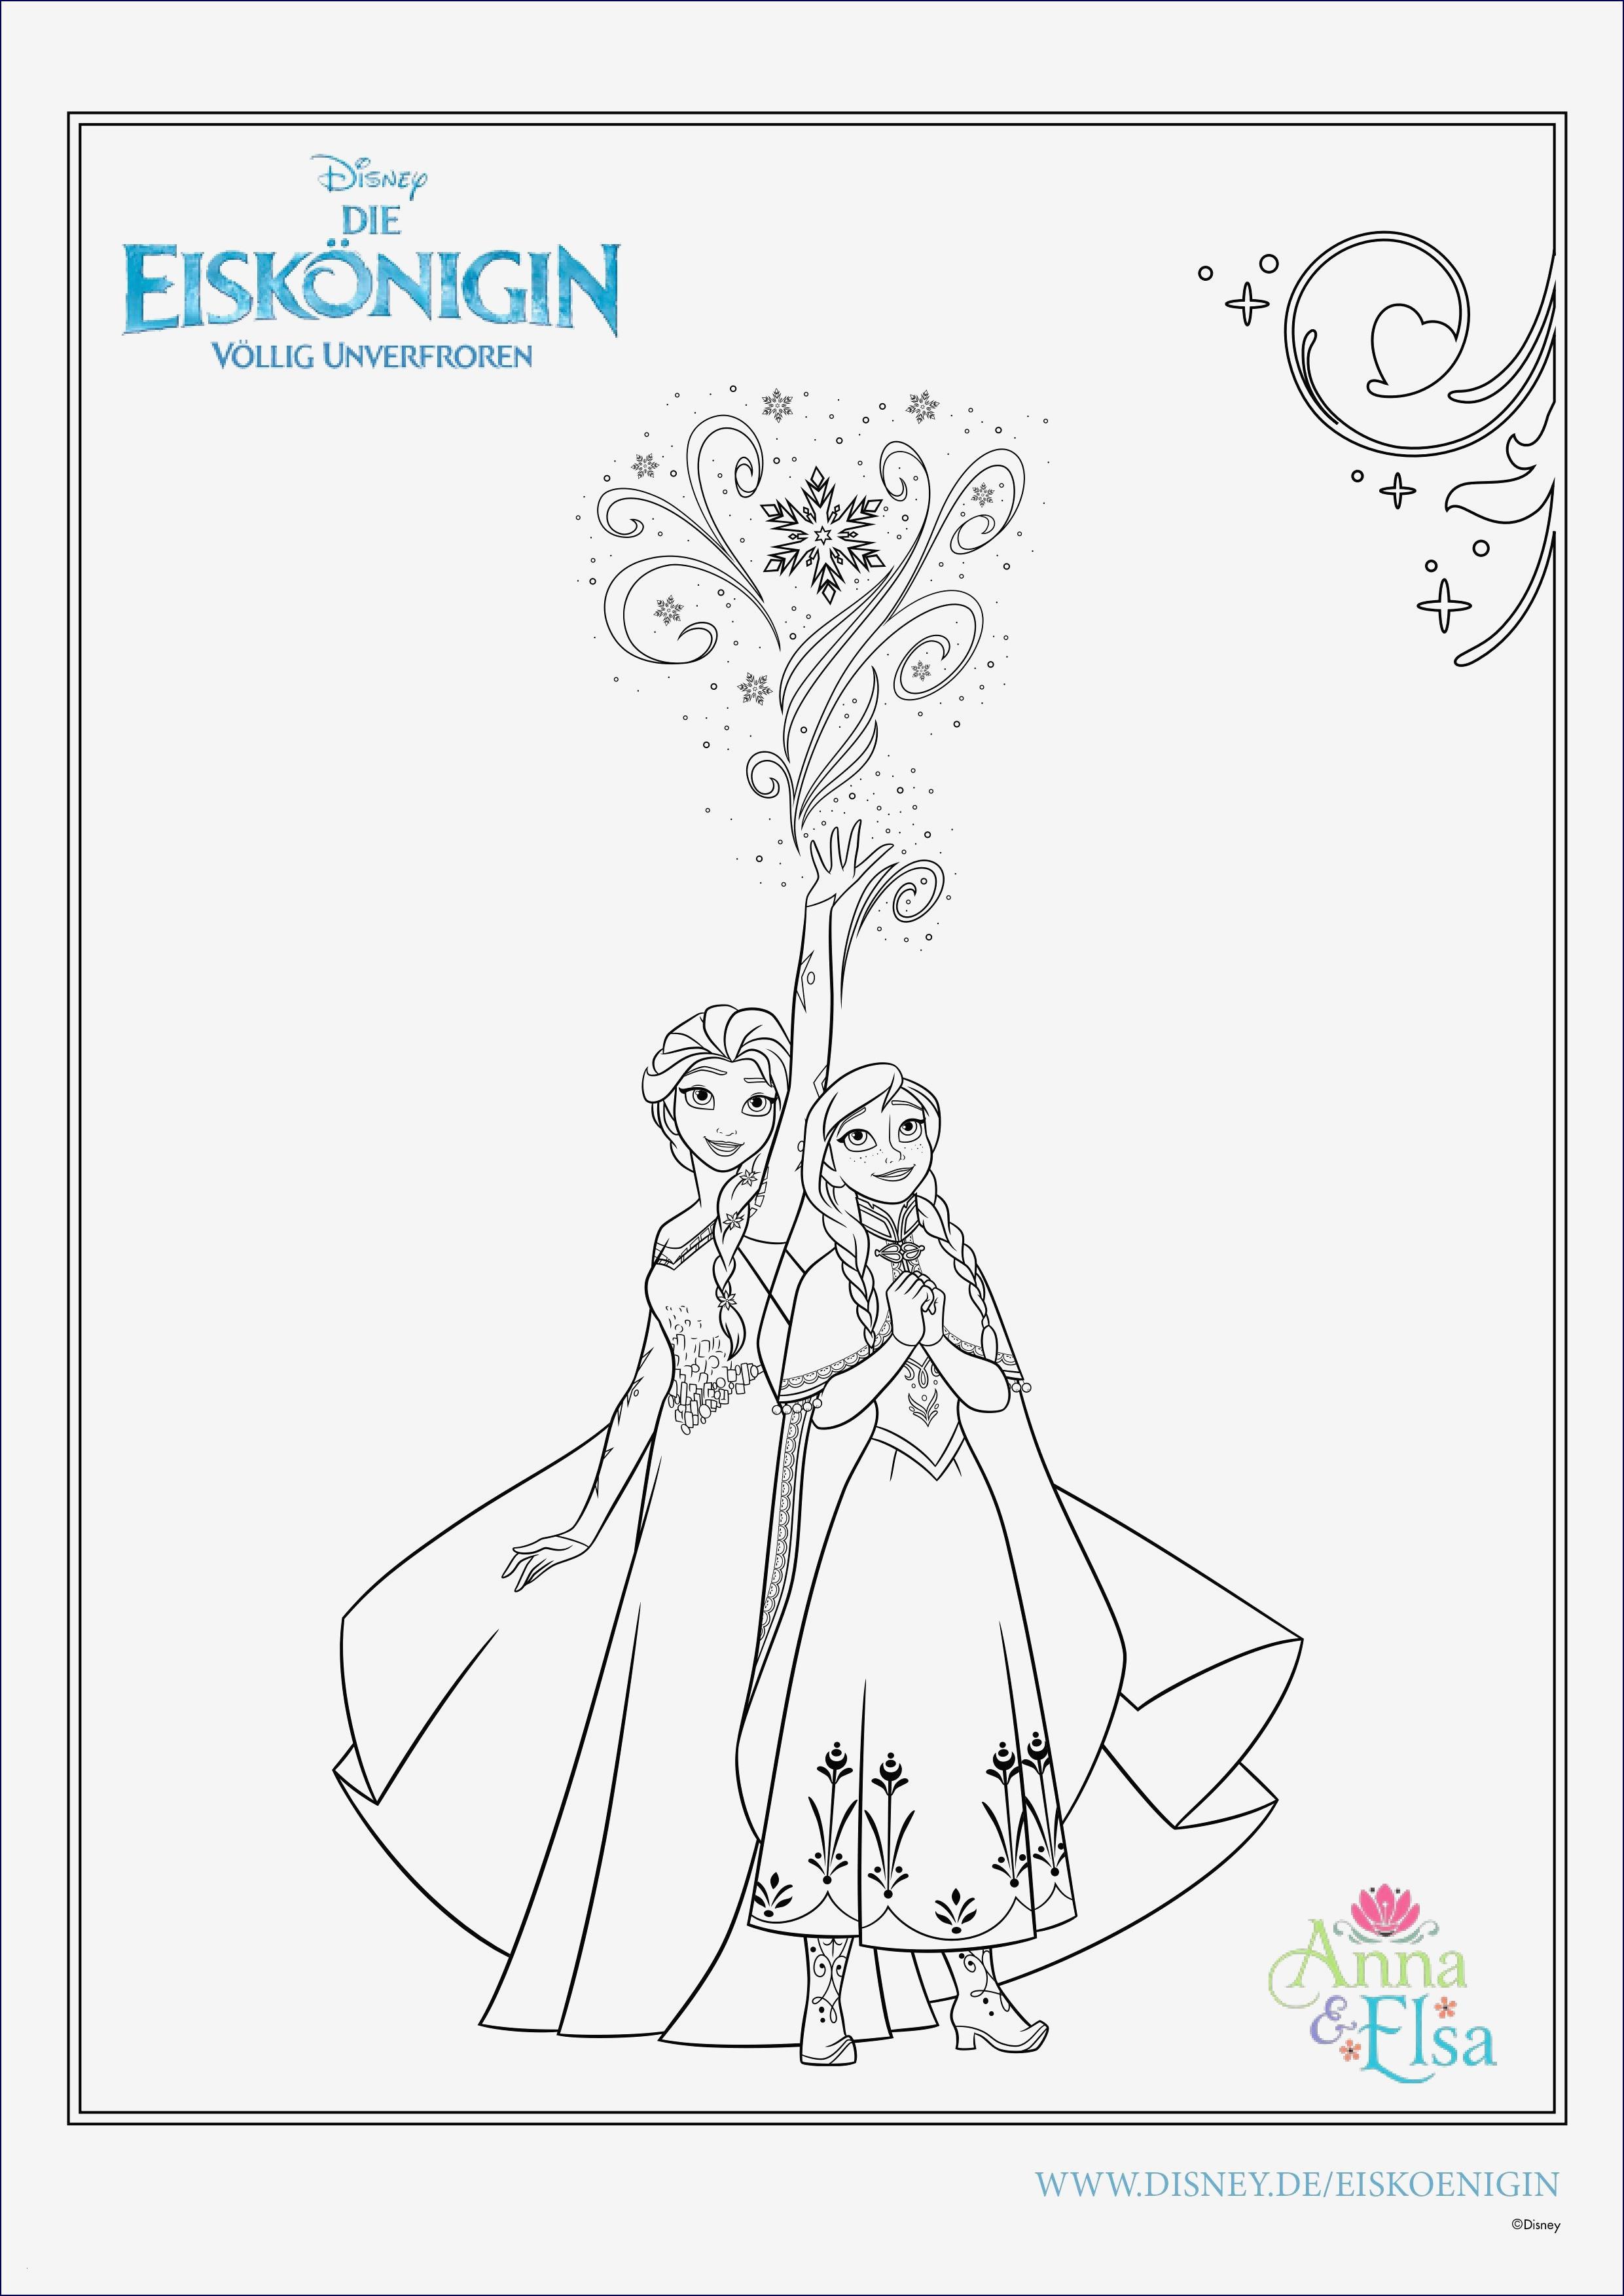 Stundenplan Zum Ausmalen Inspirierend Bilder Zum Ausmalen Bekommen Elsa Ausmalbilder Zum Ausdrucken Luxus Fotos